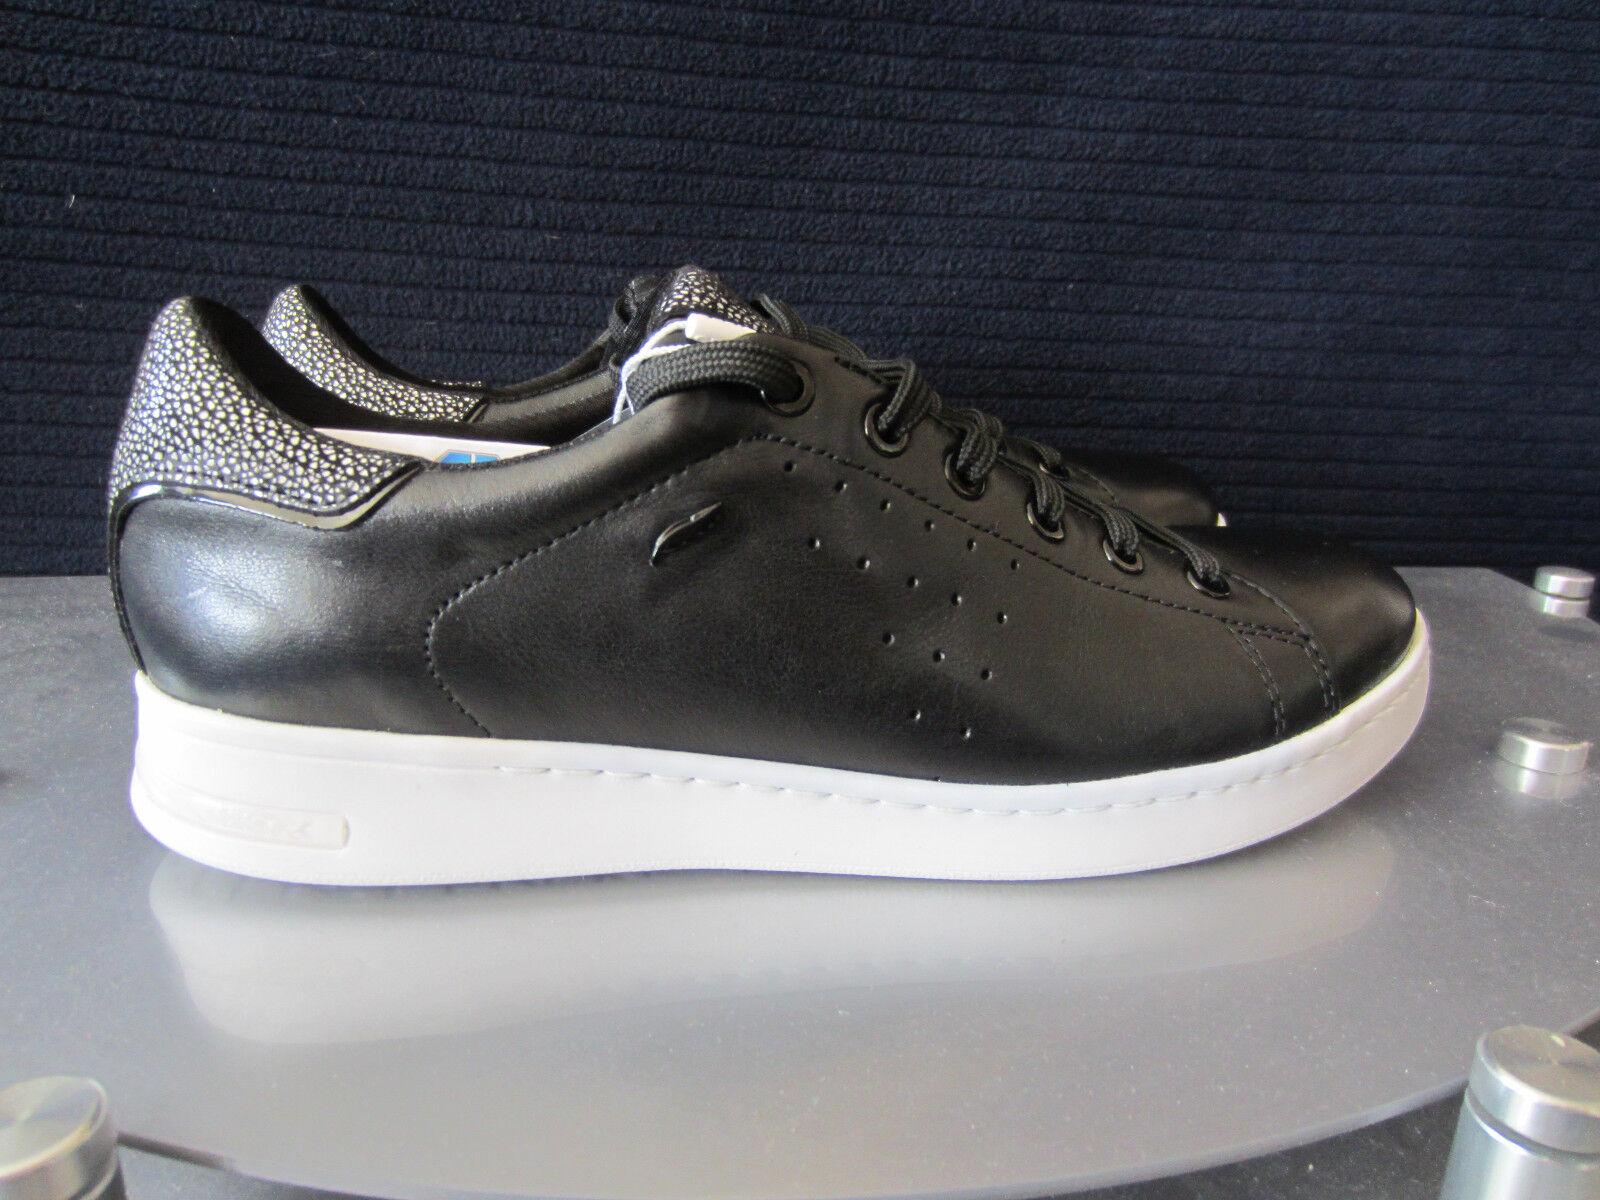 Details zu Nike Air Max Bw Groß Fenster Ultra Se Schwarz Anthrazit 844967 004 Größe 8 95 97